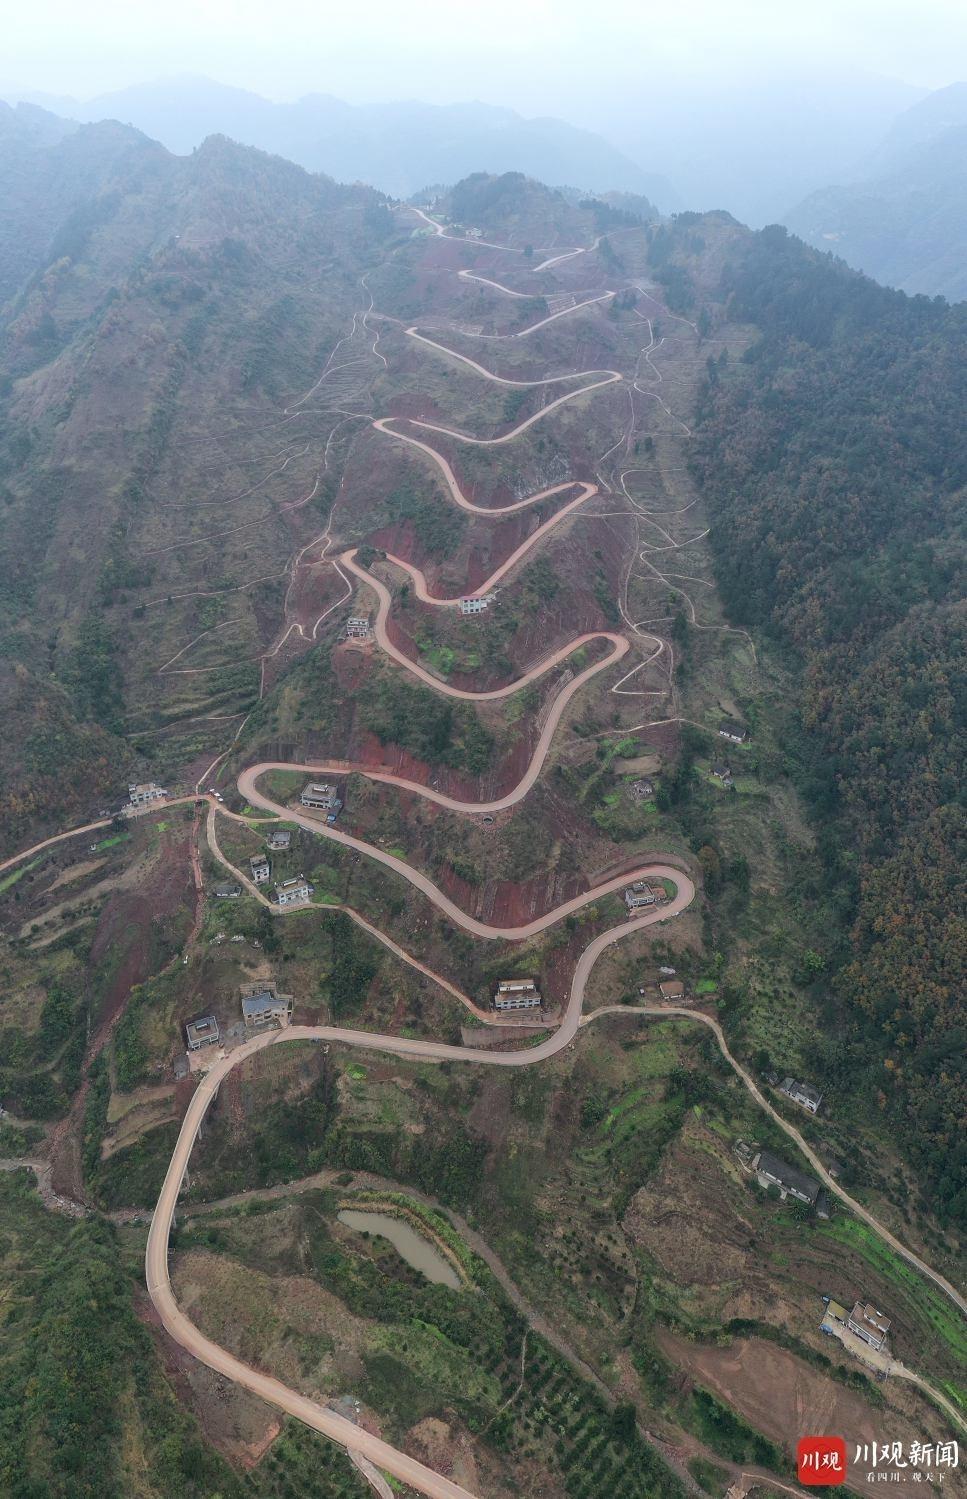 十二道拐的扶贫公路 泸州乌蒙山区新景点